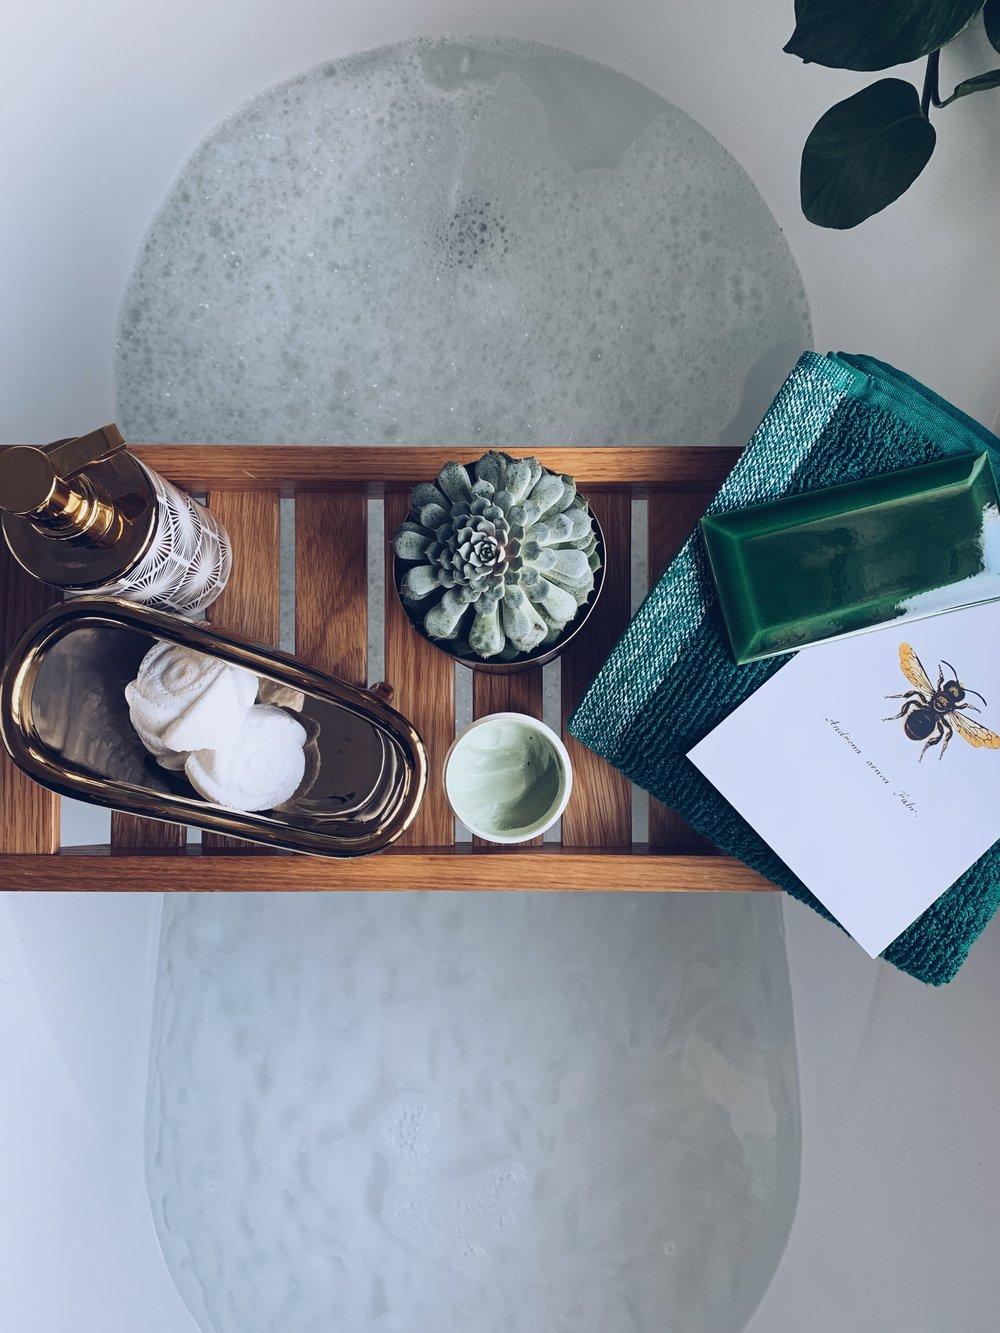 Bathroom flatlay using Crackle Bevel Vintage Green tile